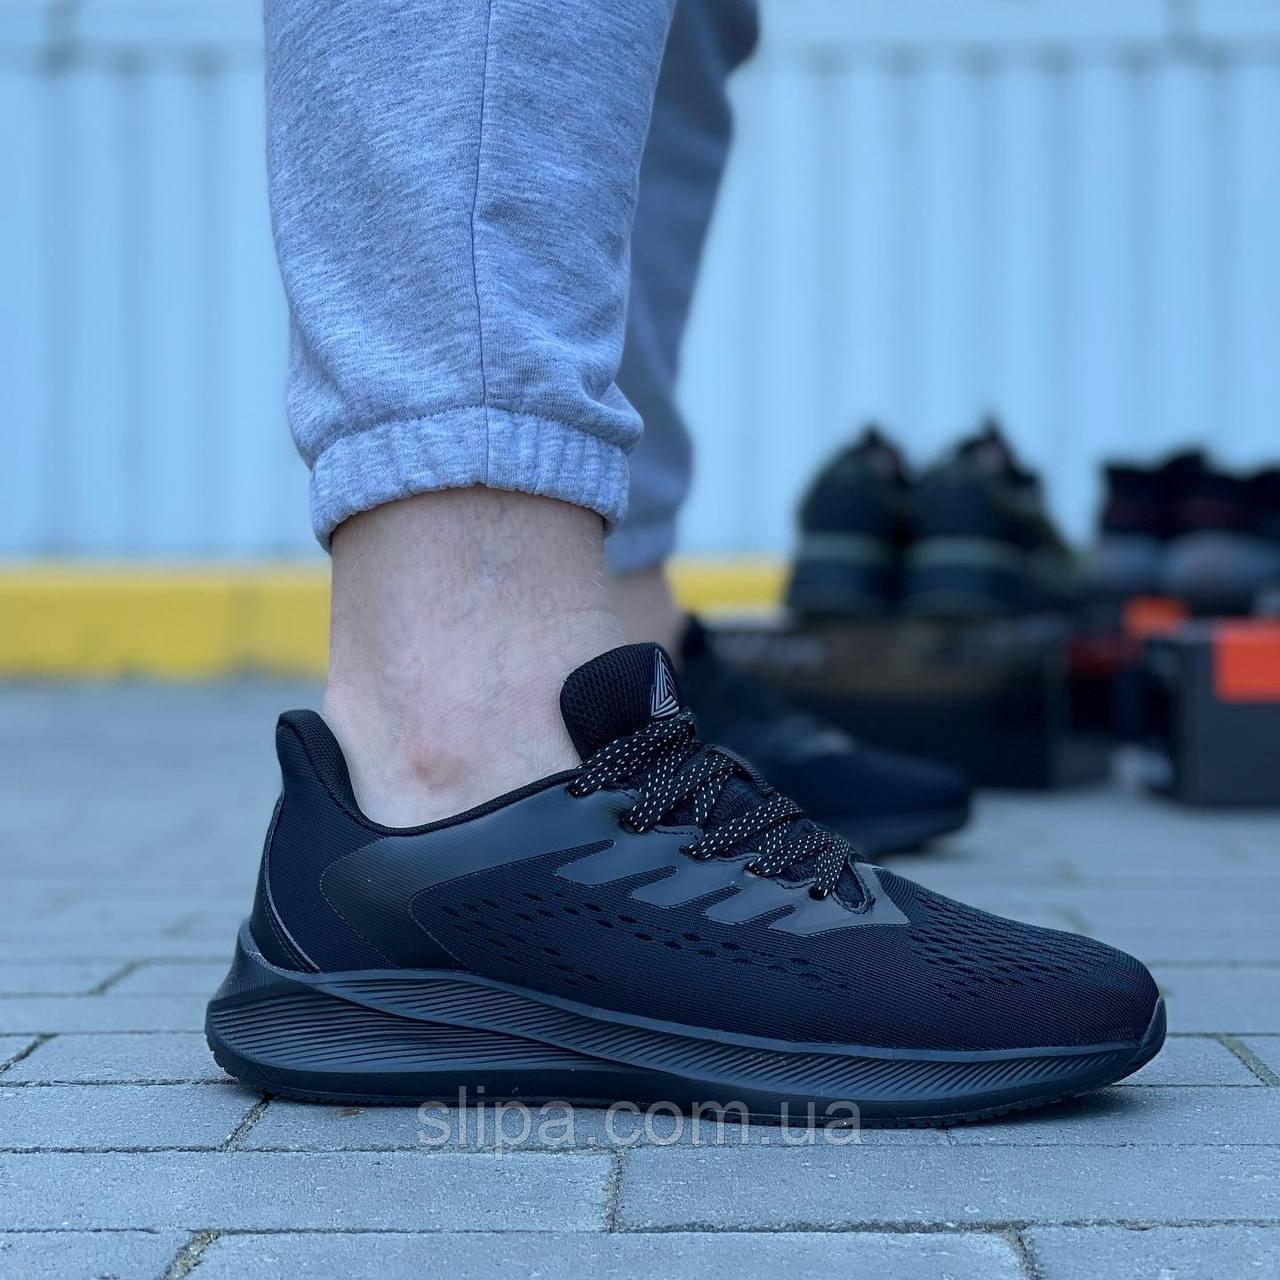 Текстильные кроссовки Stilli чёрные на чёрной подошве   текстиль + пена